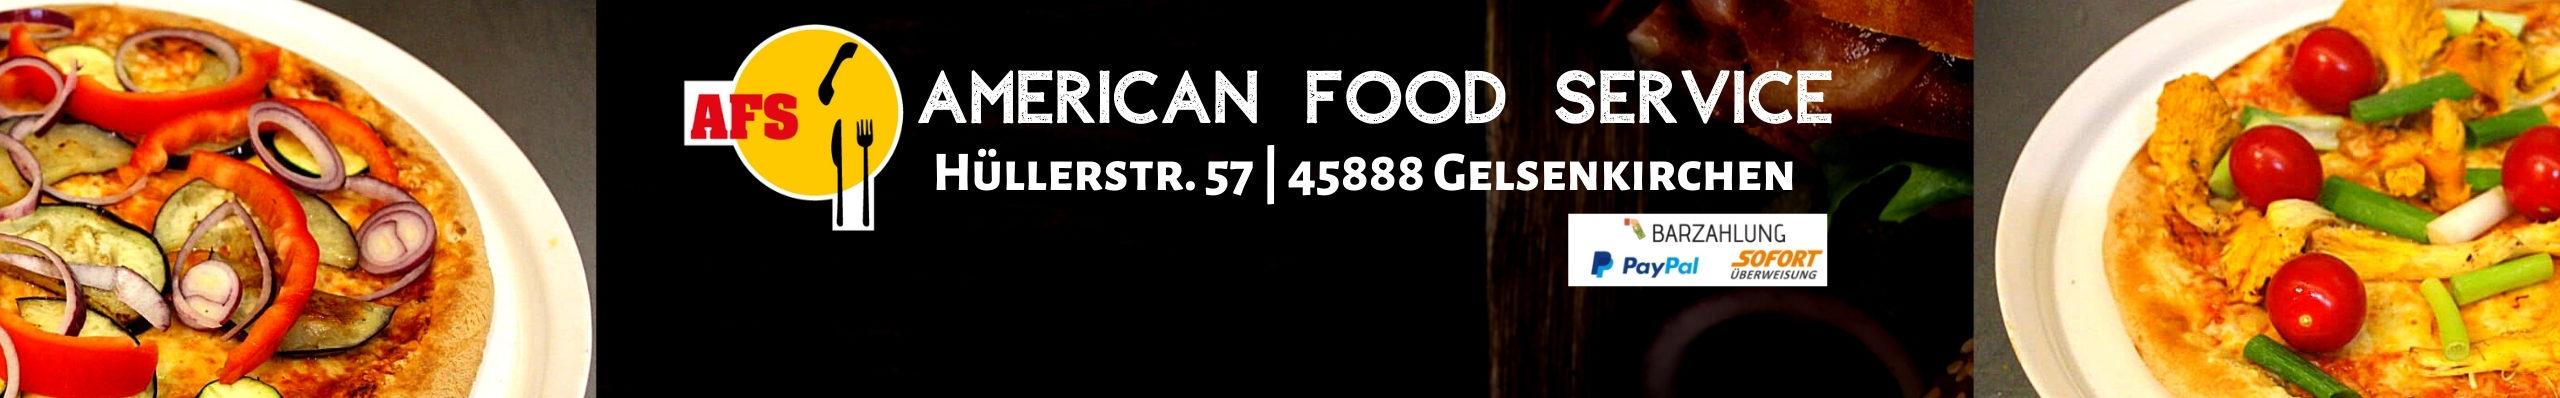 American Food Service, Hüller Str. 57, 45888 Gelsenkirchen